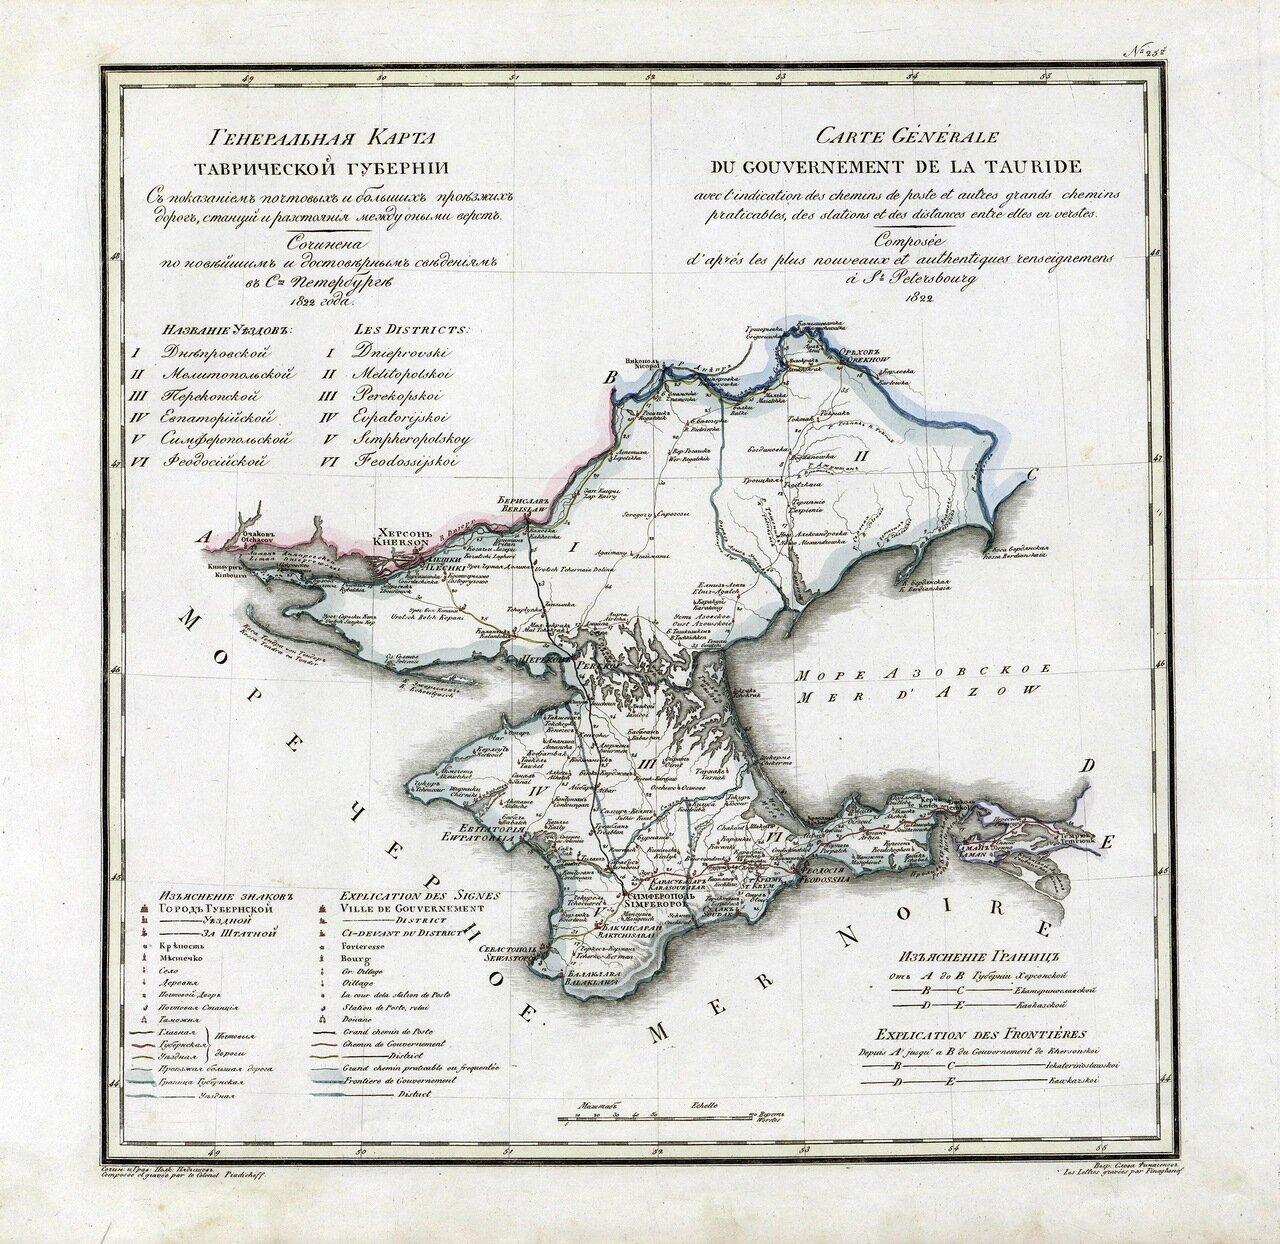 1822. Генеральная карта Таврической губернии